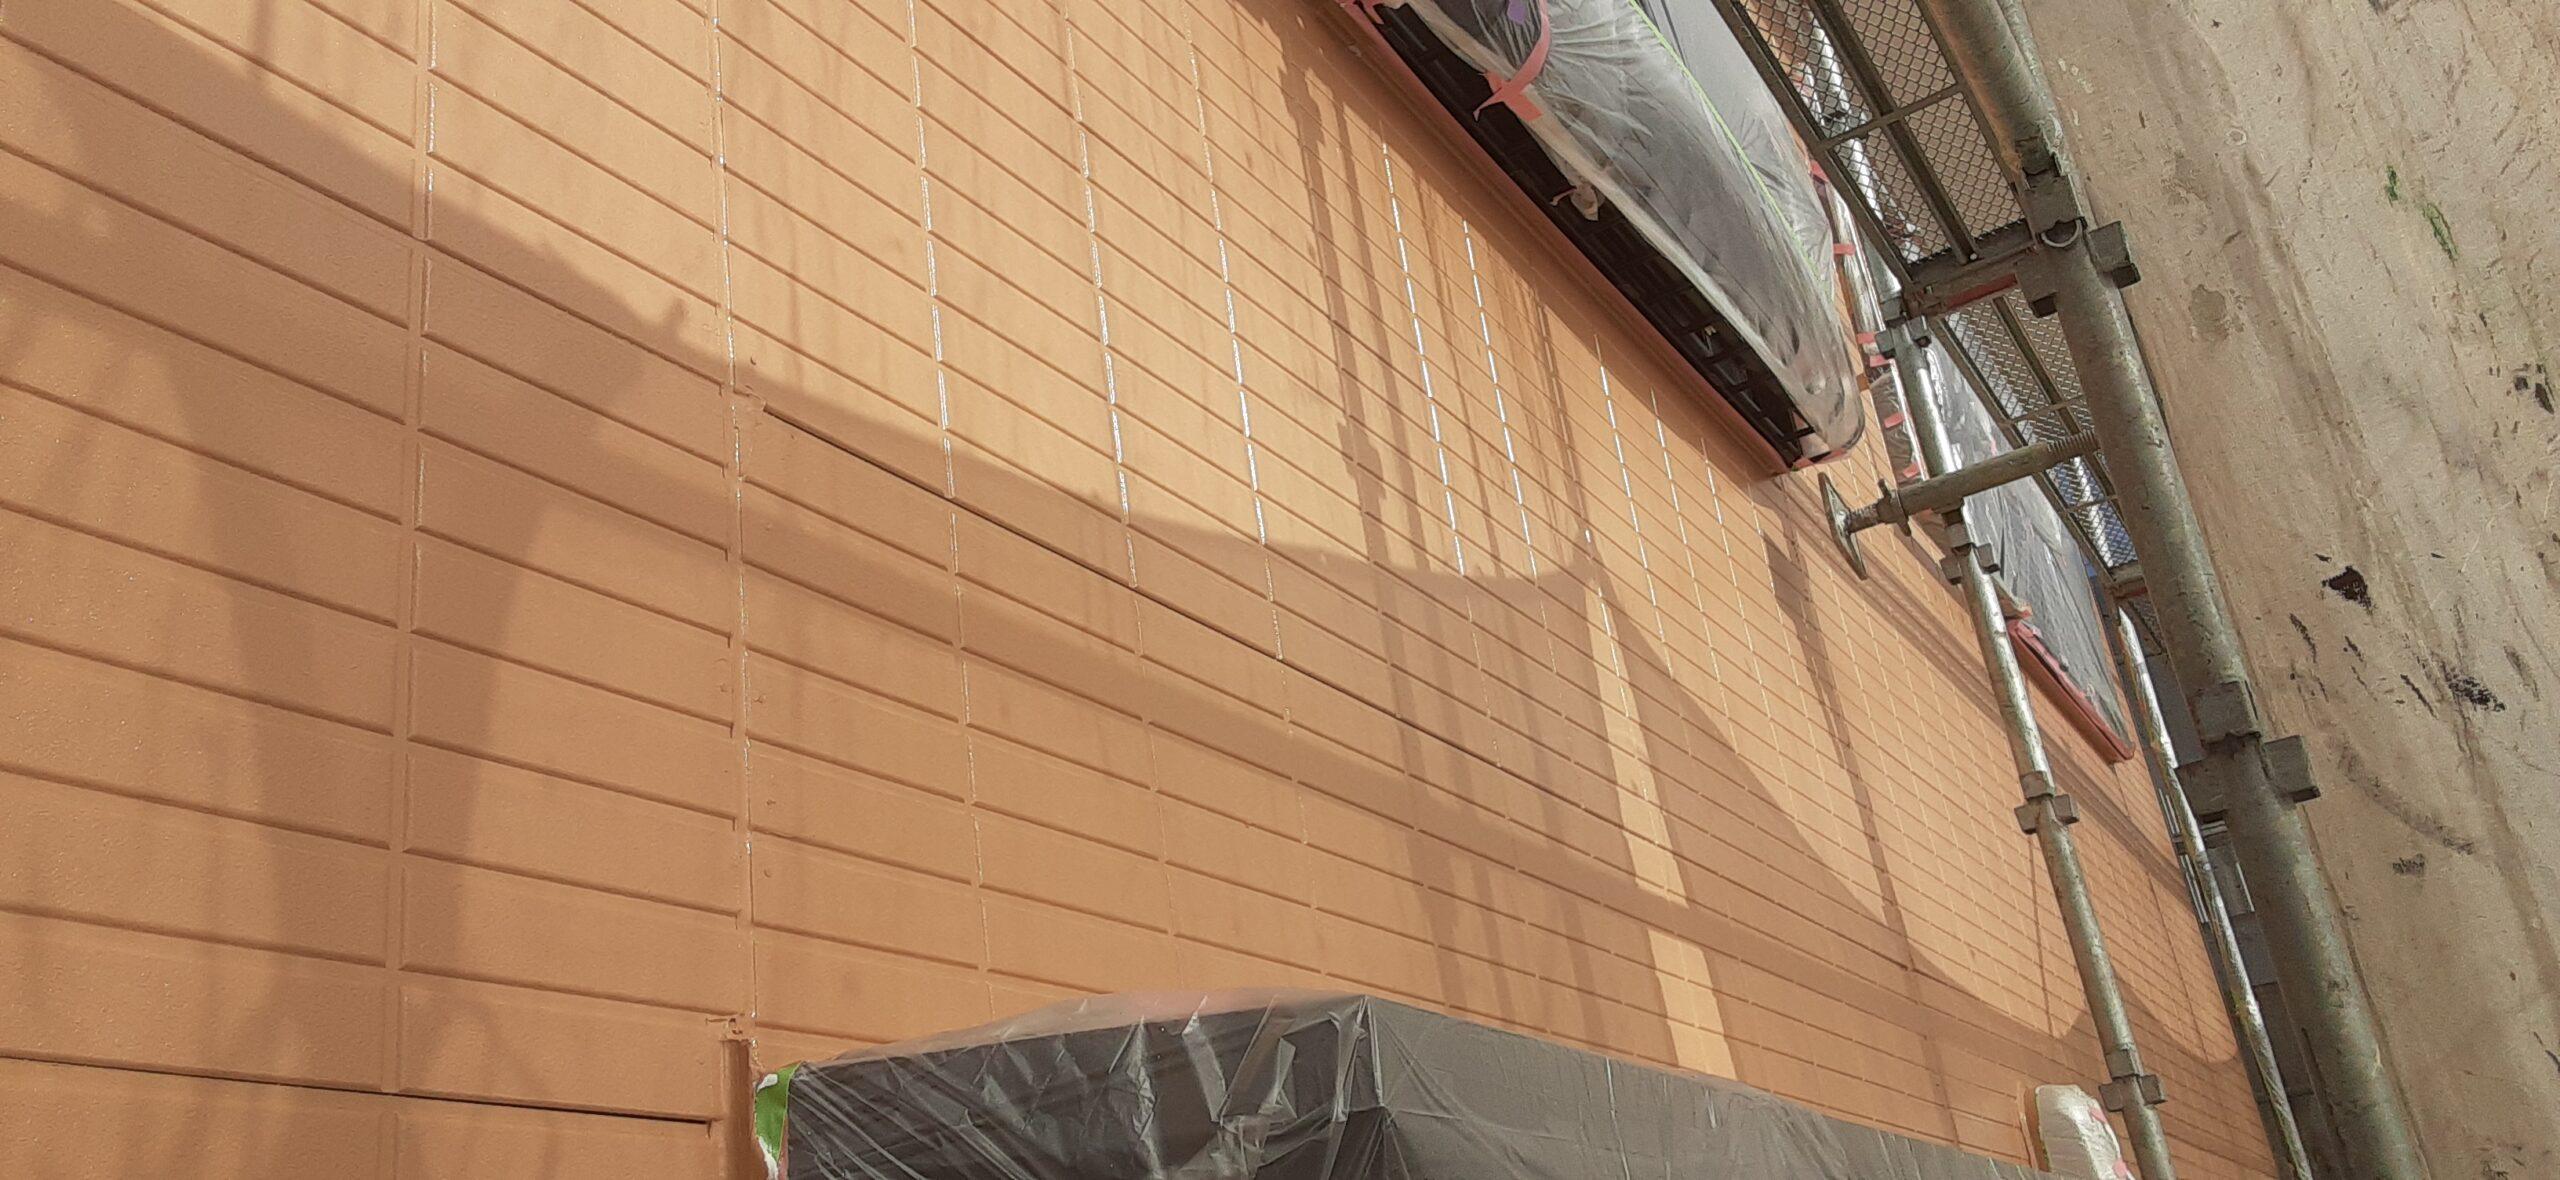 埼玉県さいたま市 外壁中塗り塗装、破風の塗装/さいたま市岩槻区の(木造2階建て)M様邸にて塗り替えリホーム中